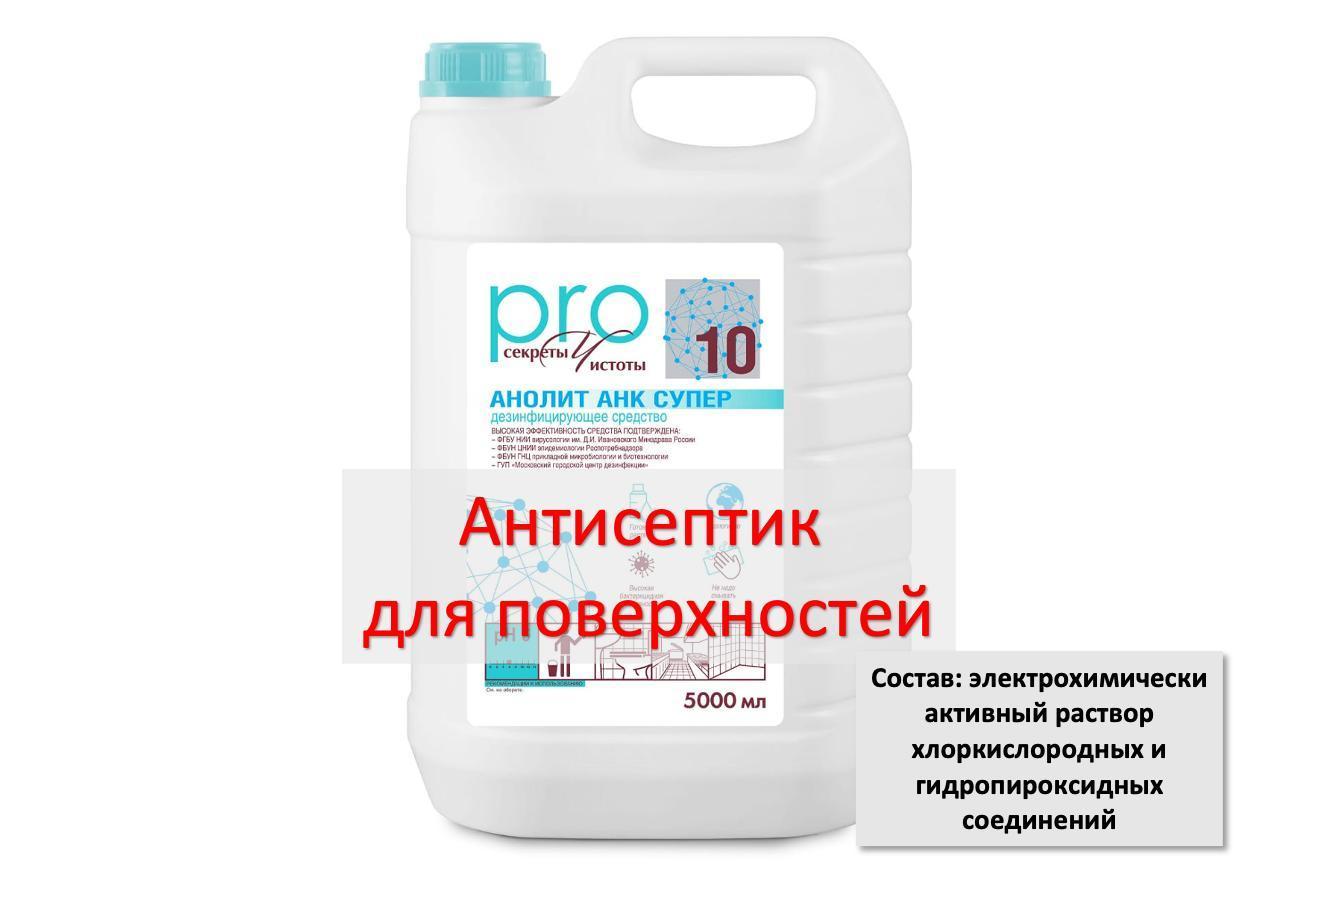 Антисептик для поверхностей, Анолит, 5 л., ПЭТ